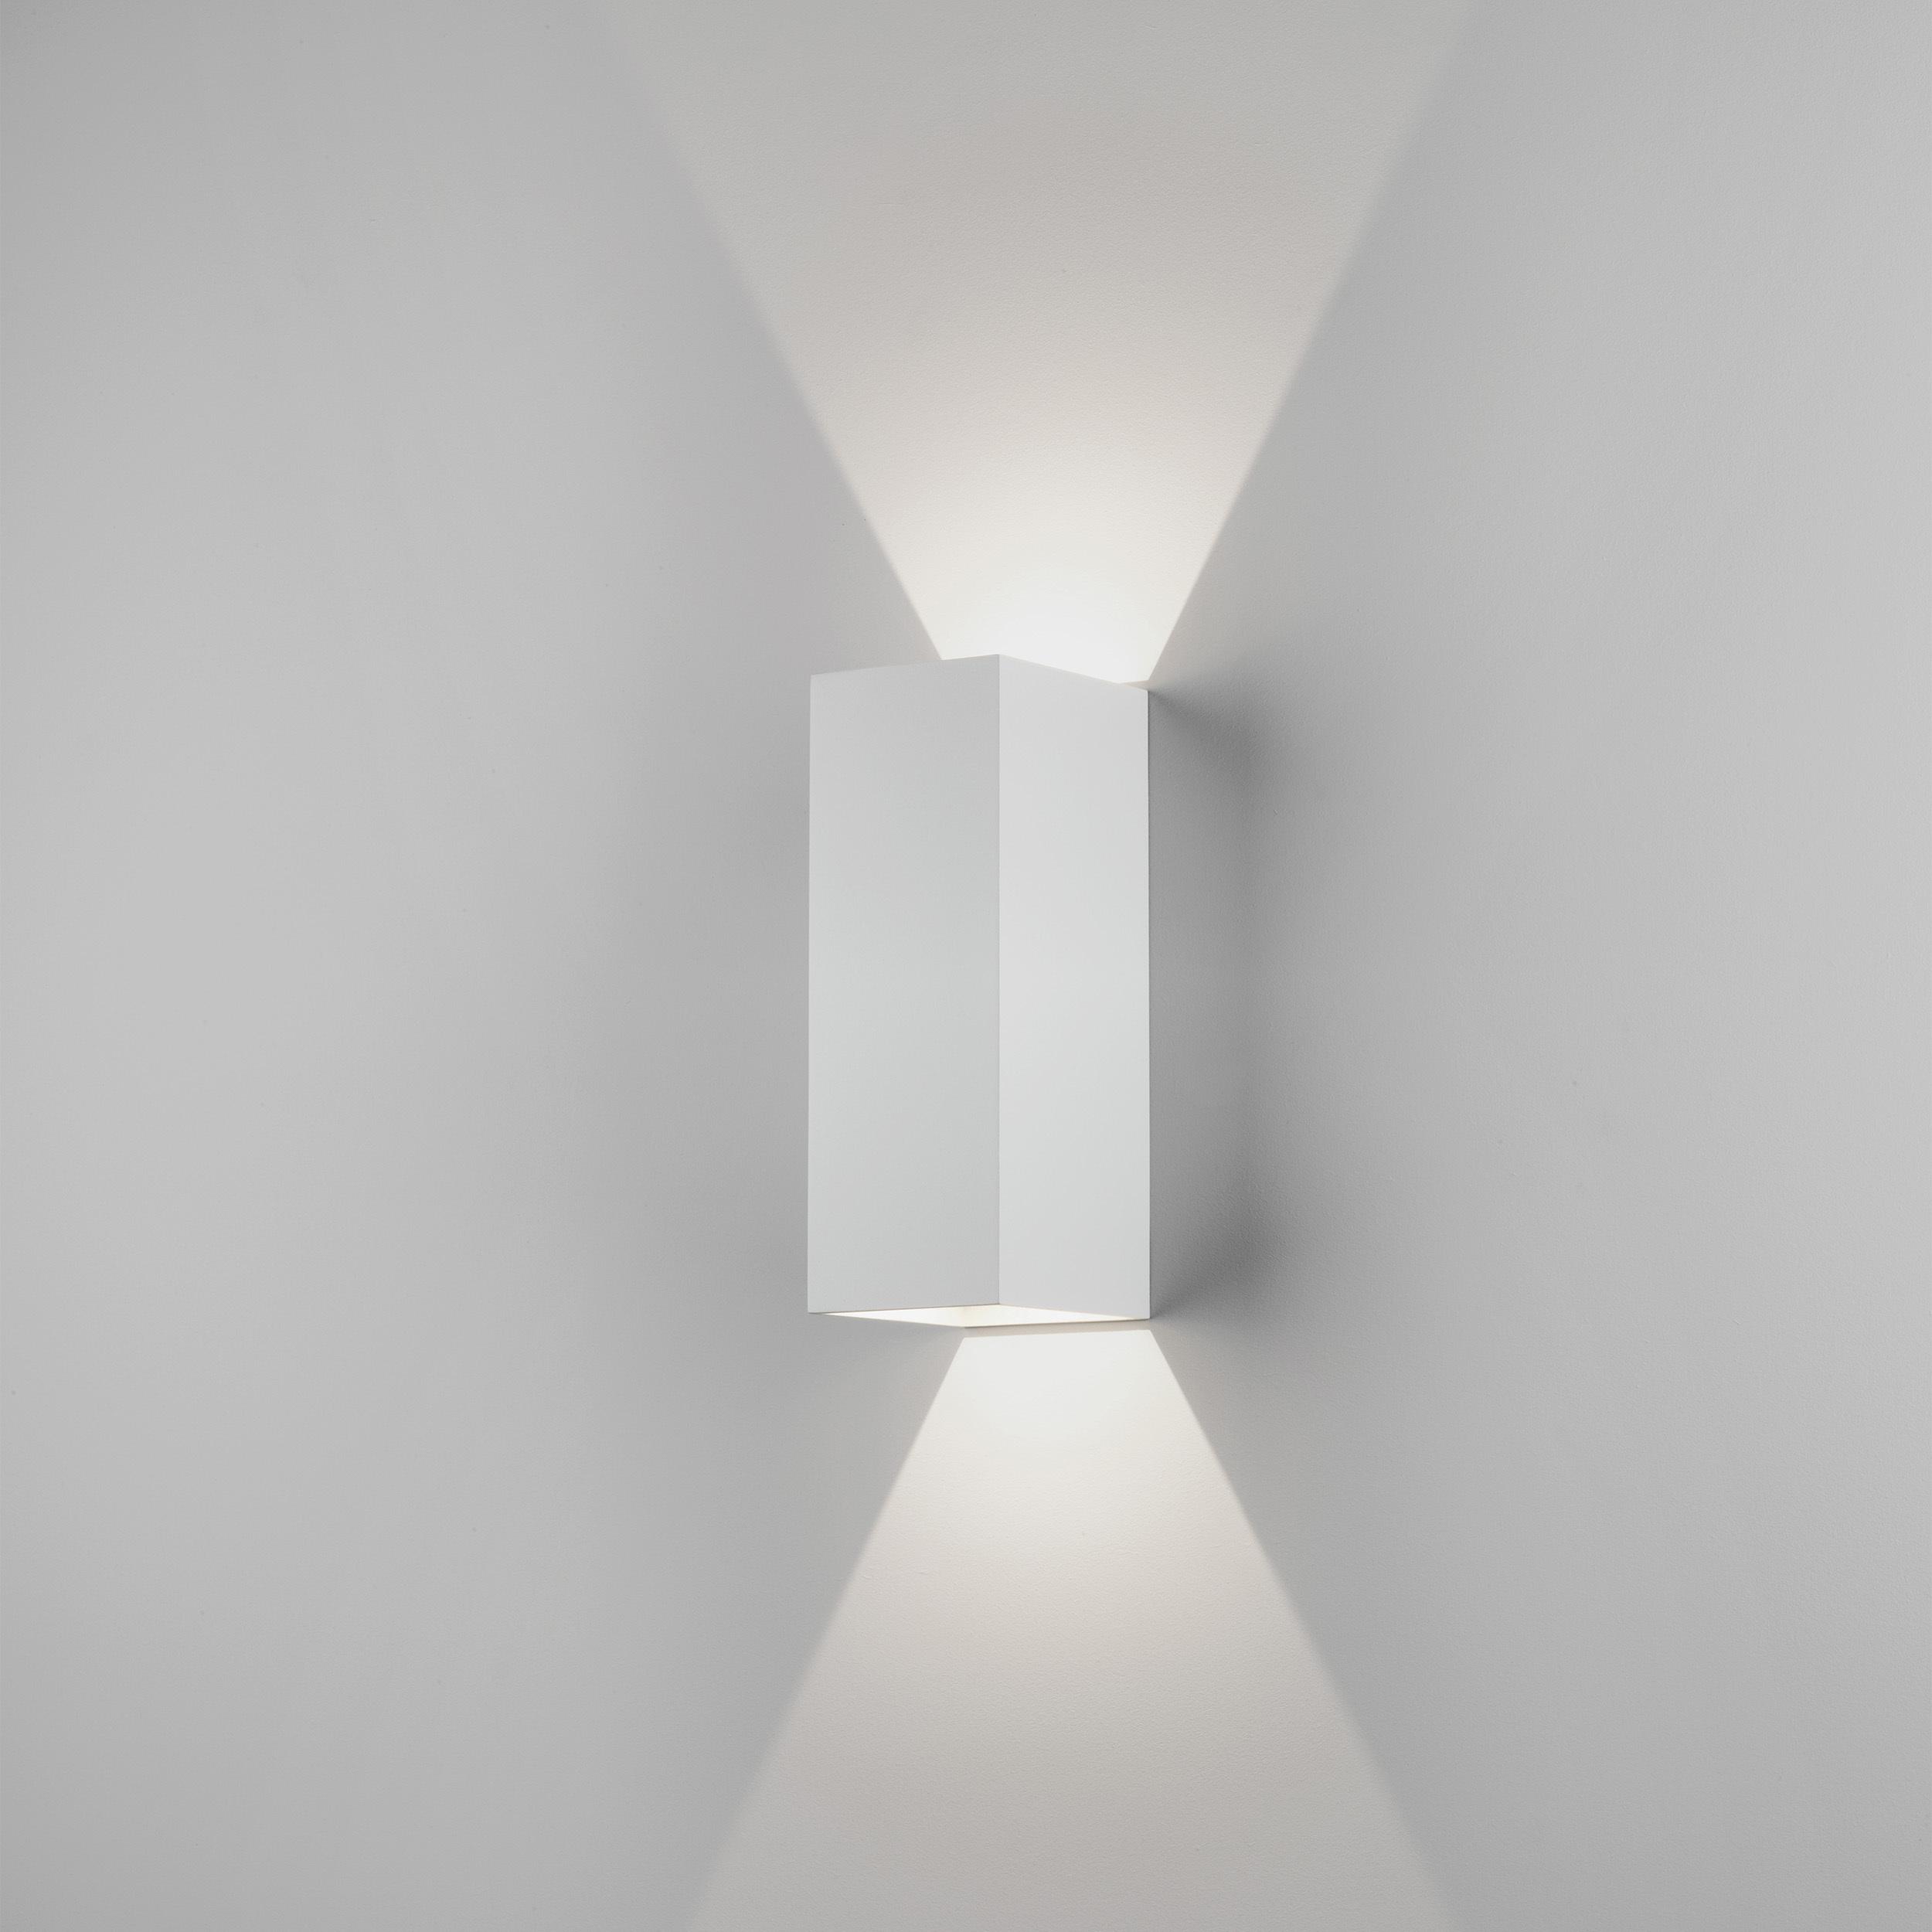 Настенный светодиодный светильник Astro Oslo 1298009 (7991), IP65, LED 7,5W 3000K 270.46lm CRI80, белый, металл, стекло - фото 1